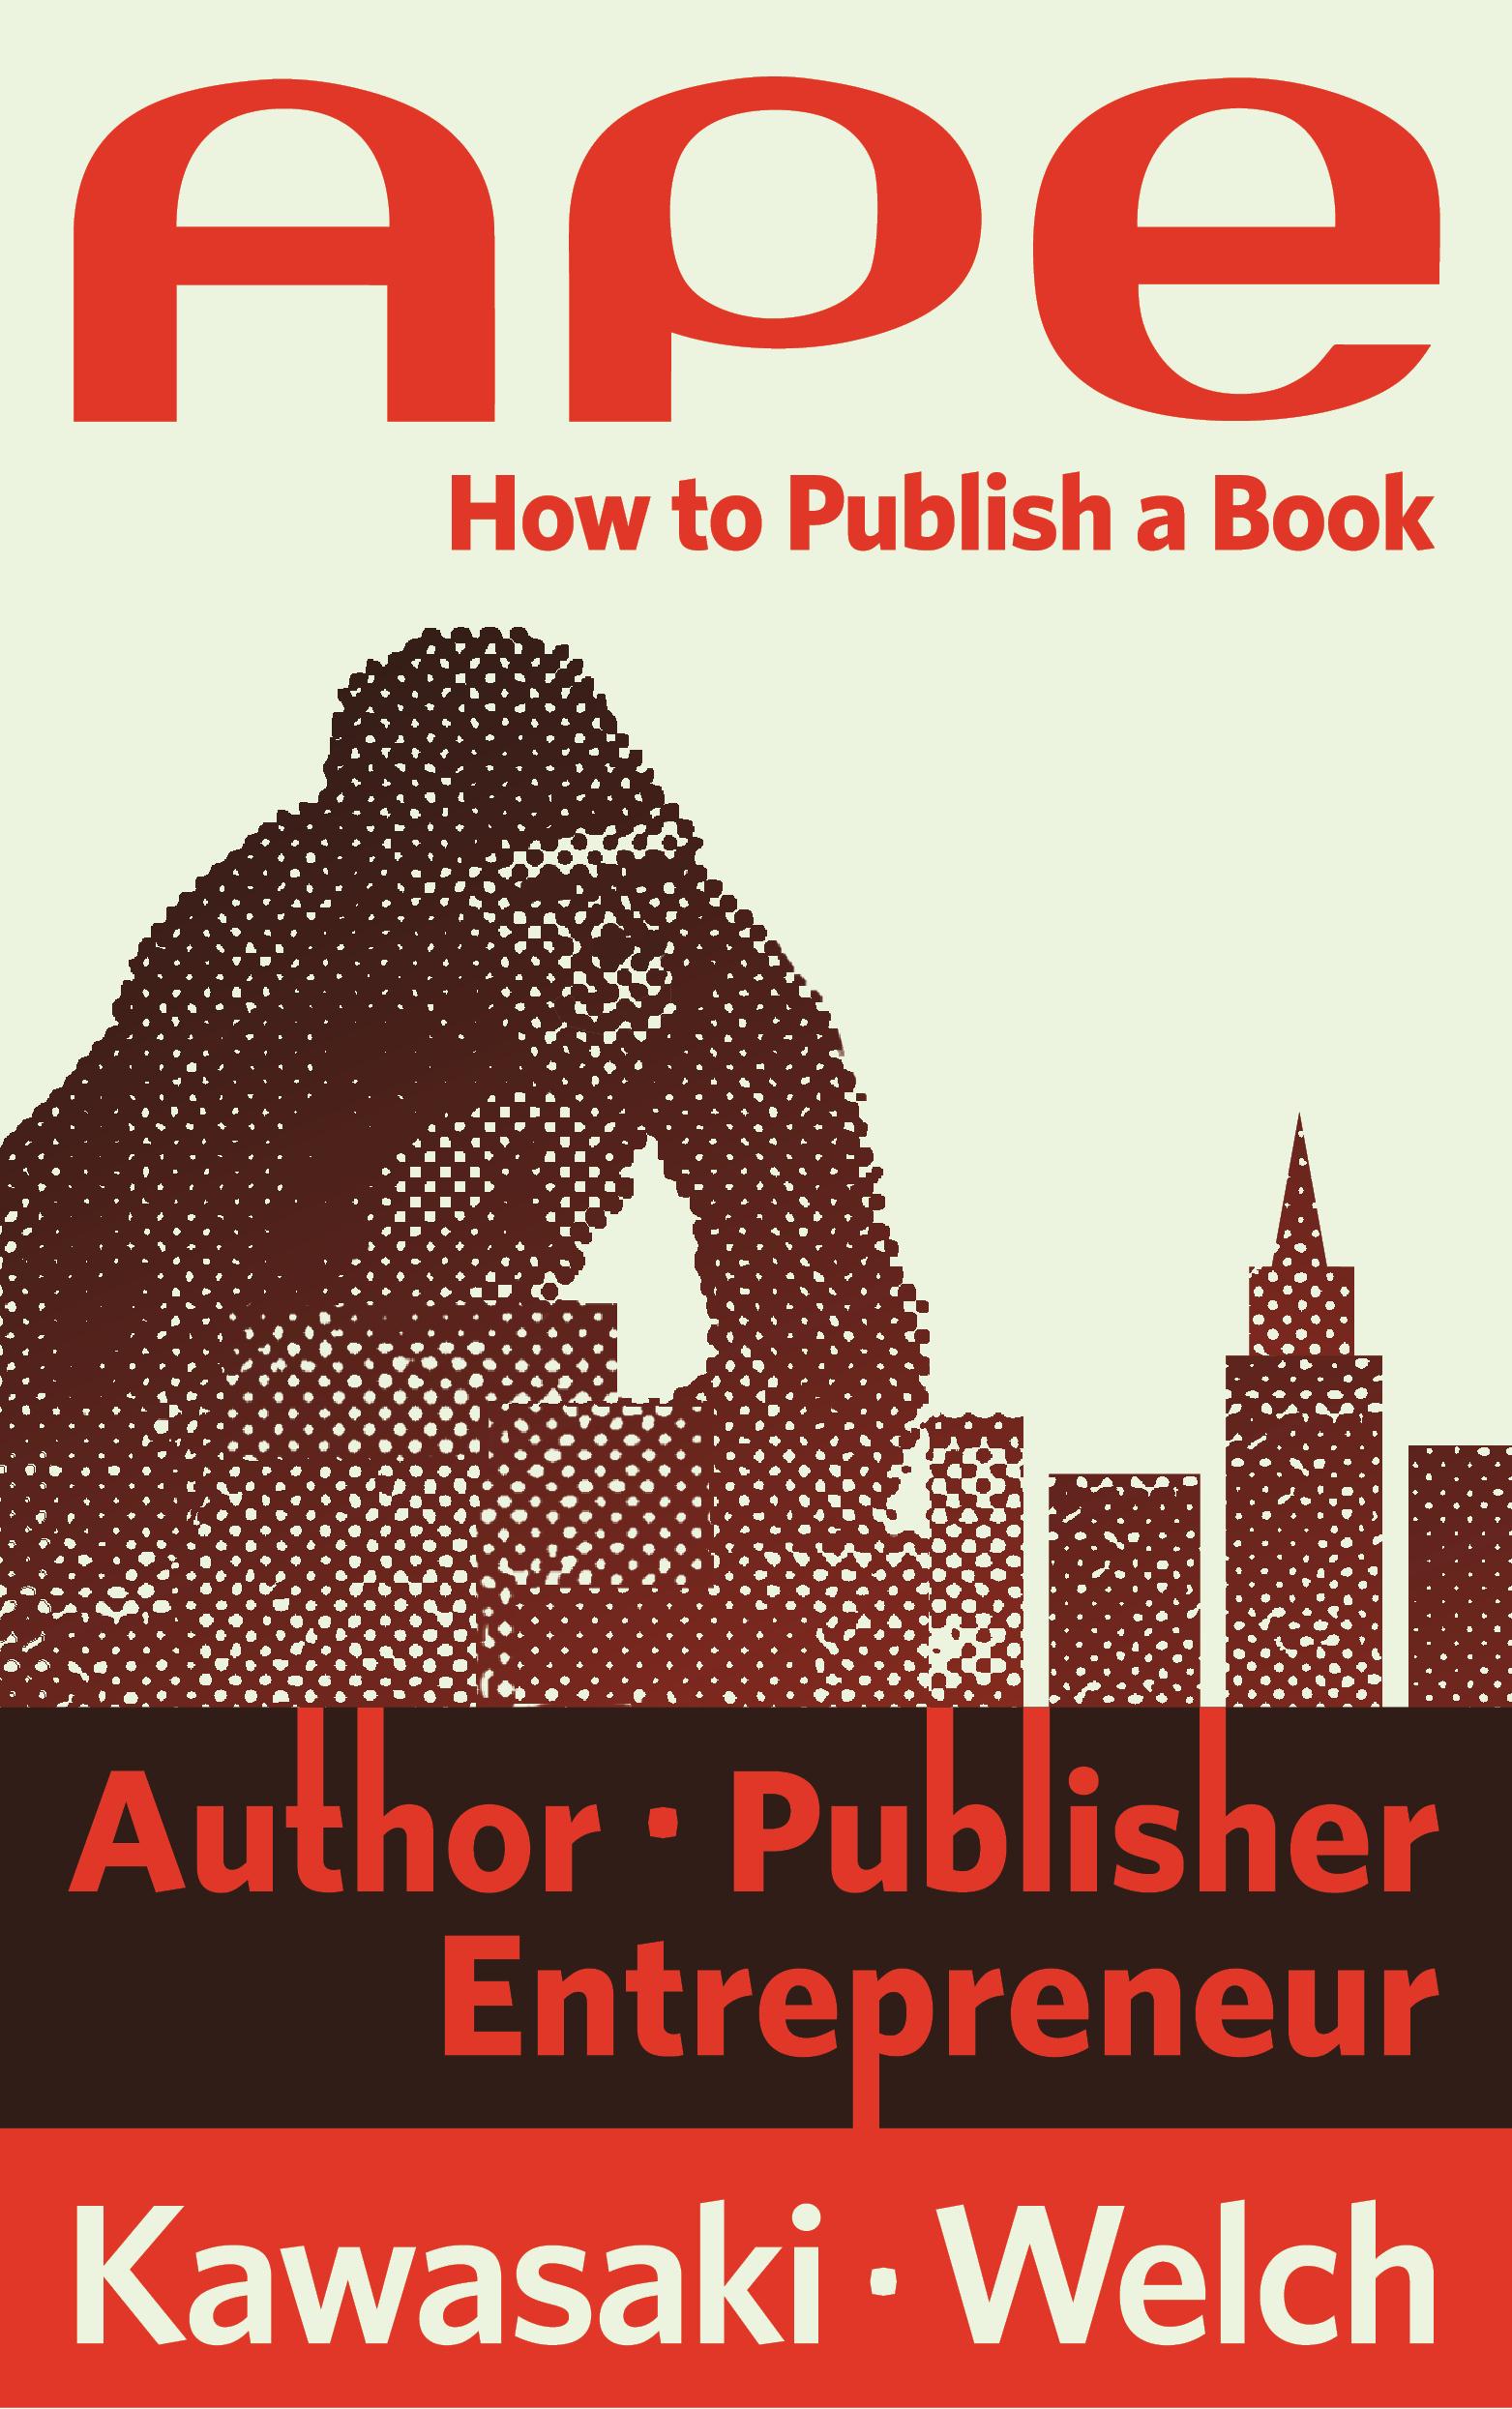 guy kawasaki ape author publisher entrepreneur